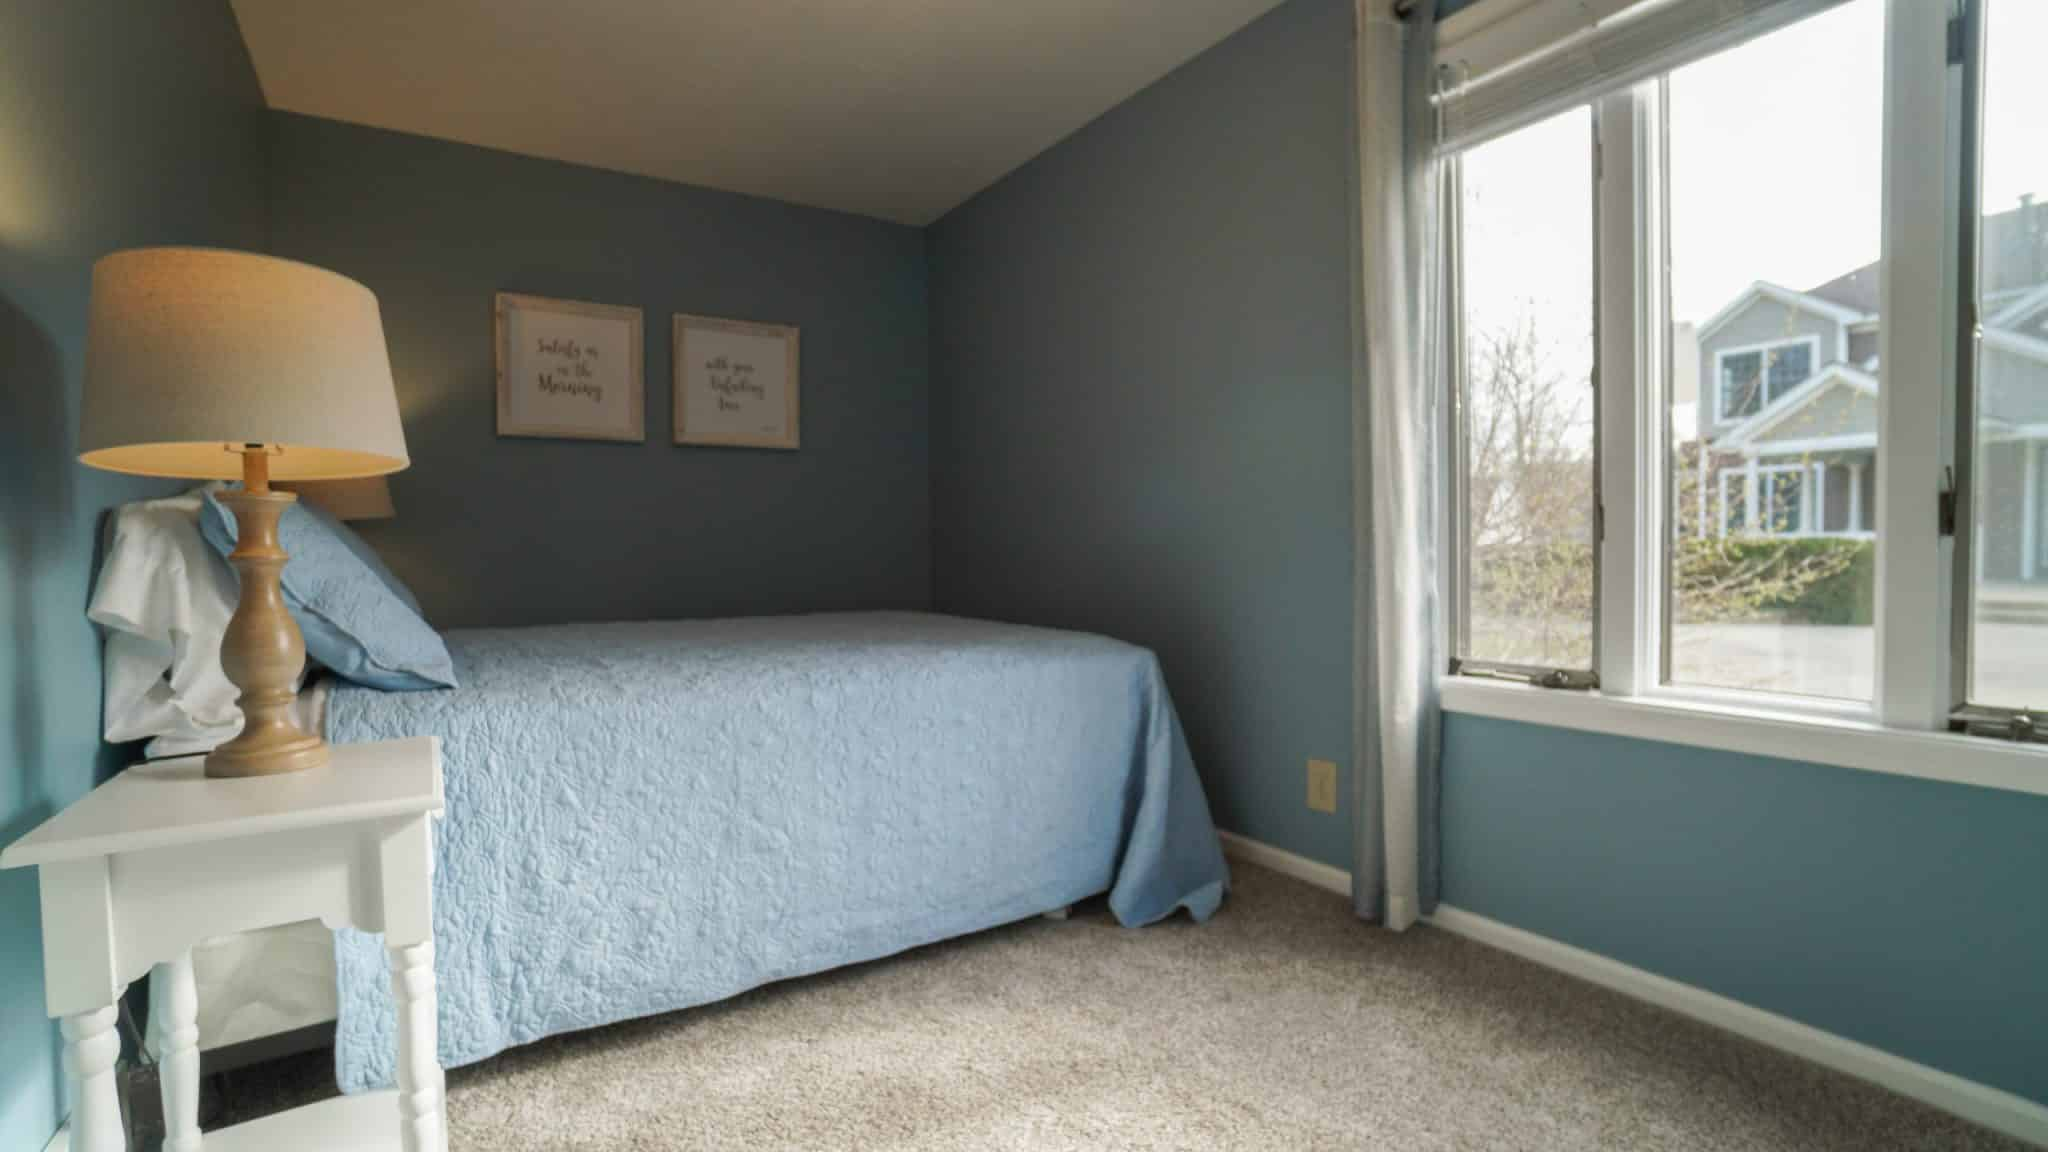 Titus bedroom 4